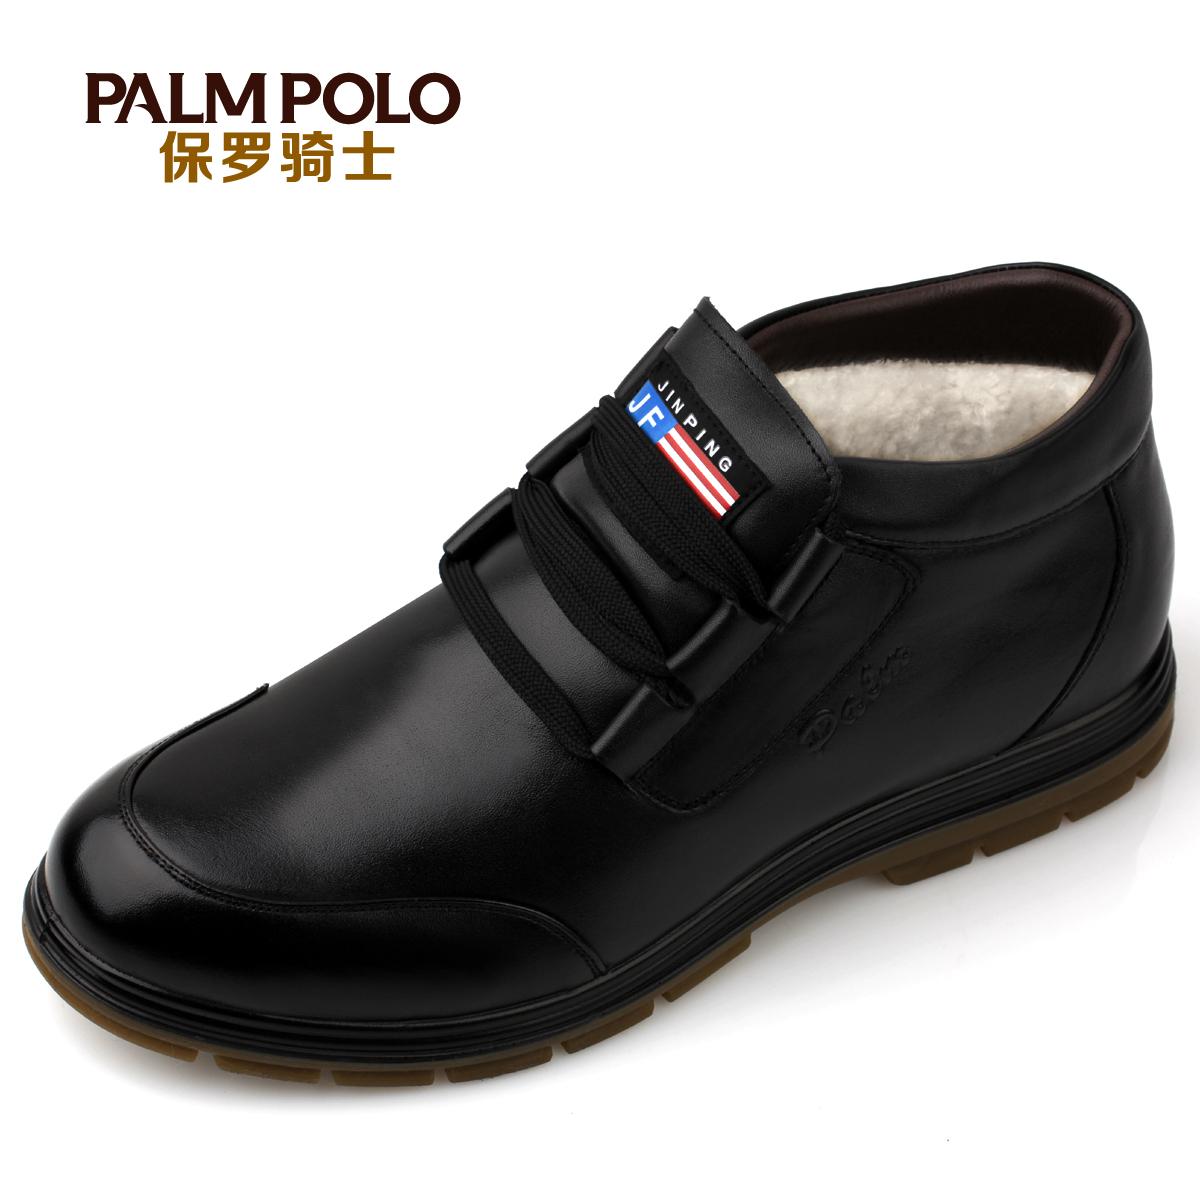 保罗骑士 潮流高帮鞋 皮毛一体棉鞋短靴男棉皮鞋 男棉鞋保暖 价格:259.00